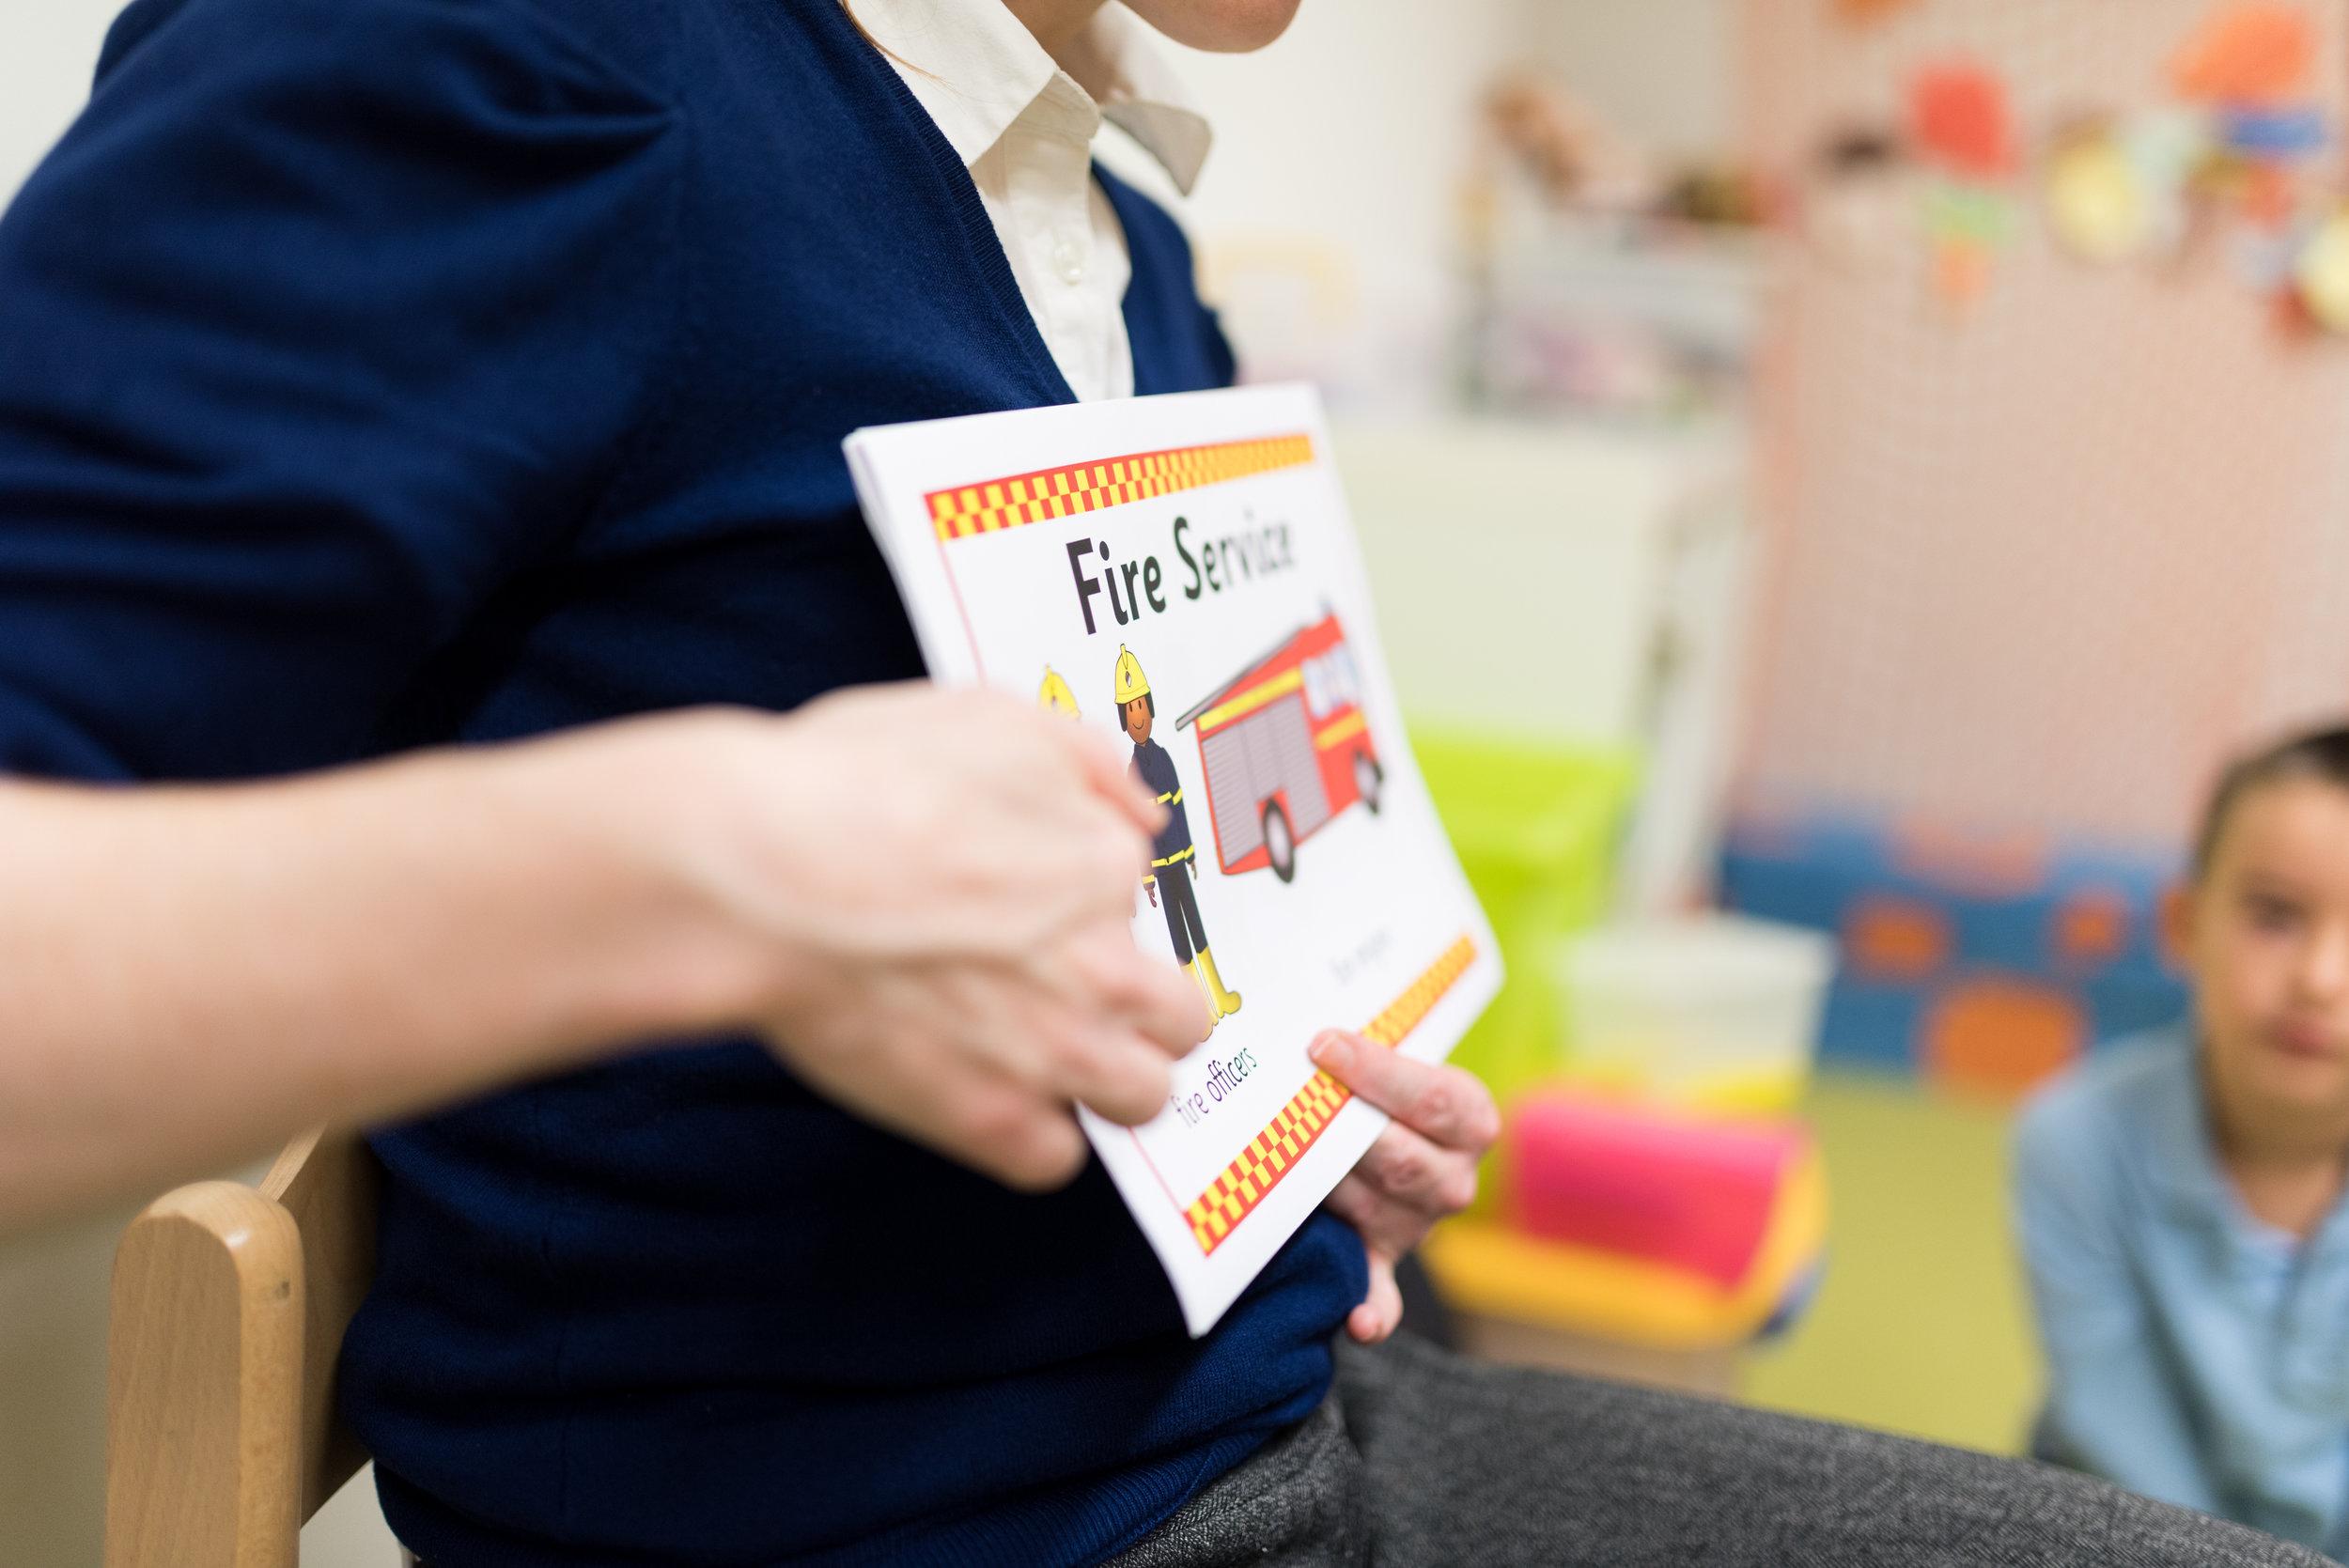 Aktivity s učiteľmi s rodným jazykom anglickým - V našej MŠ pracujú aj učitelia s rodným jazykom anglickým, ktorí spestria výučbu.